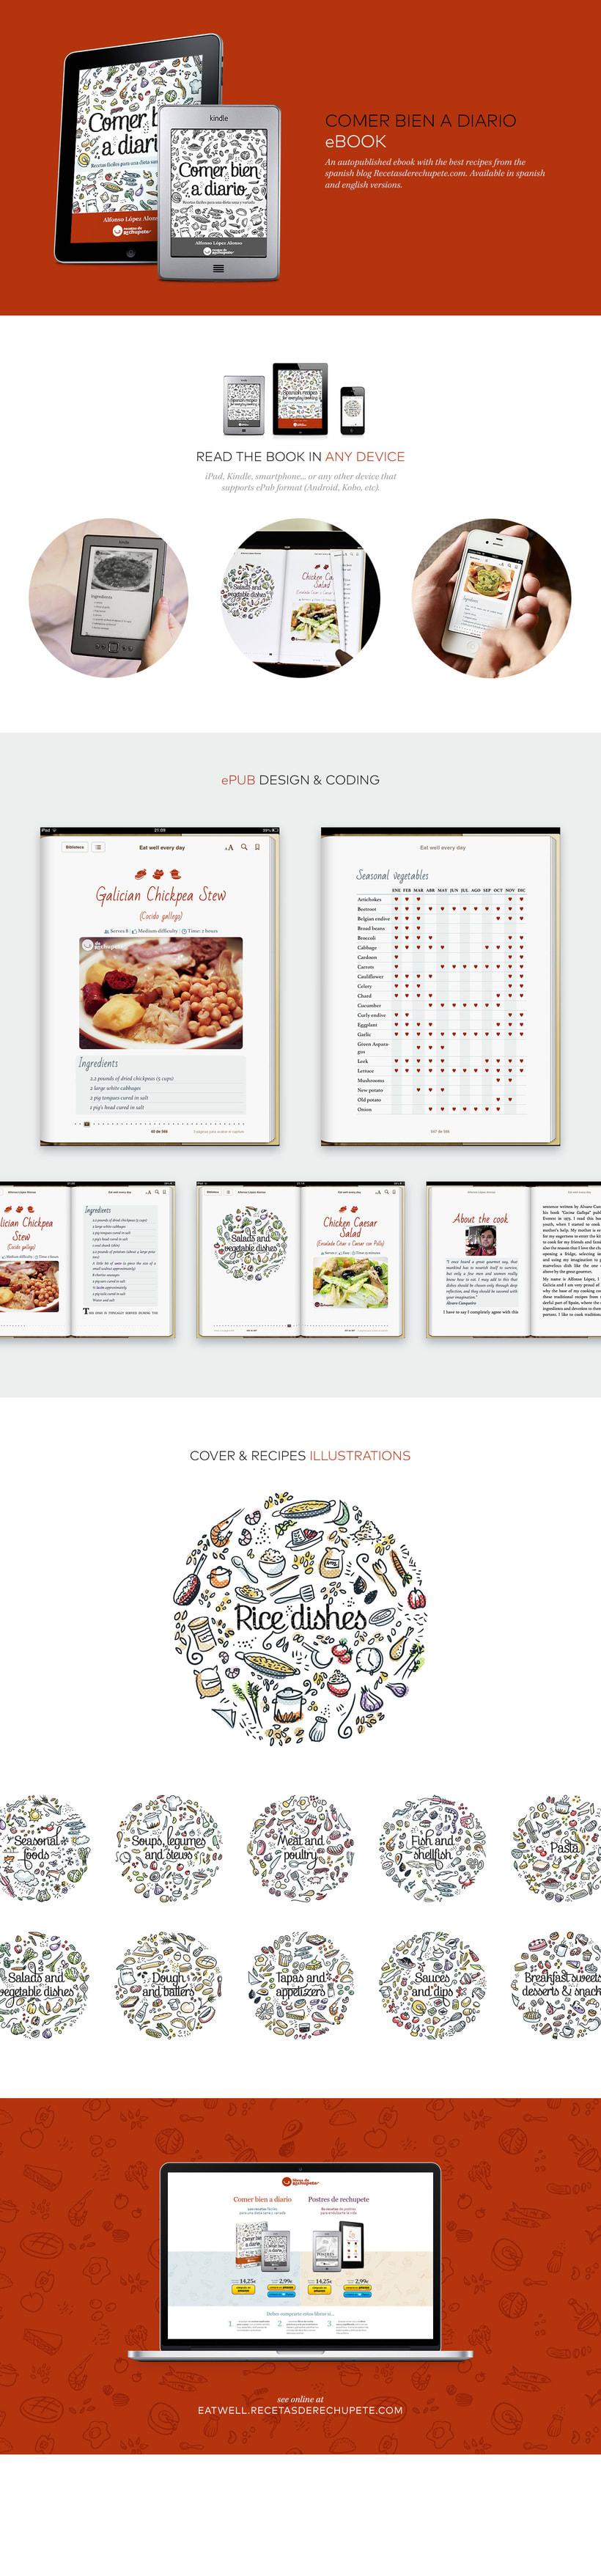 Comer Bien a Diario eBook 0